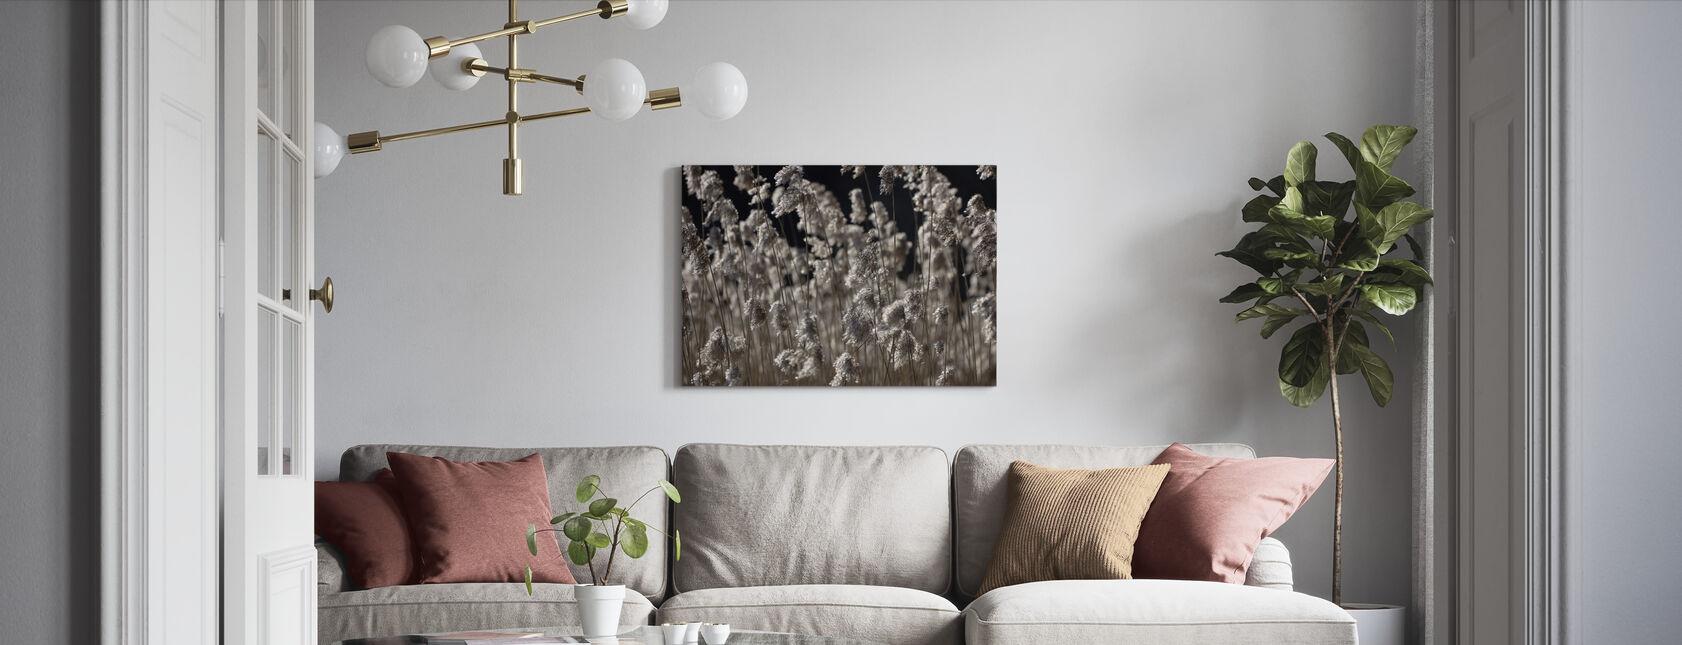 Fluffy Sølv Græs - Billede på lærred - Stue